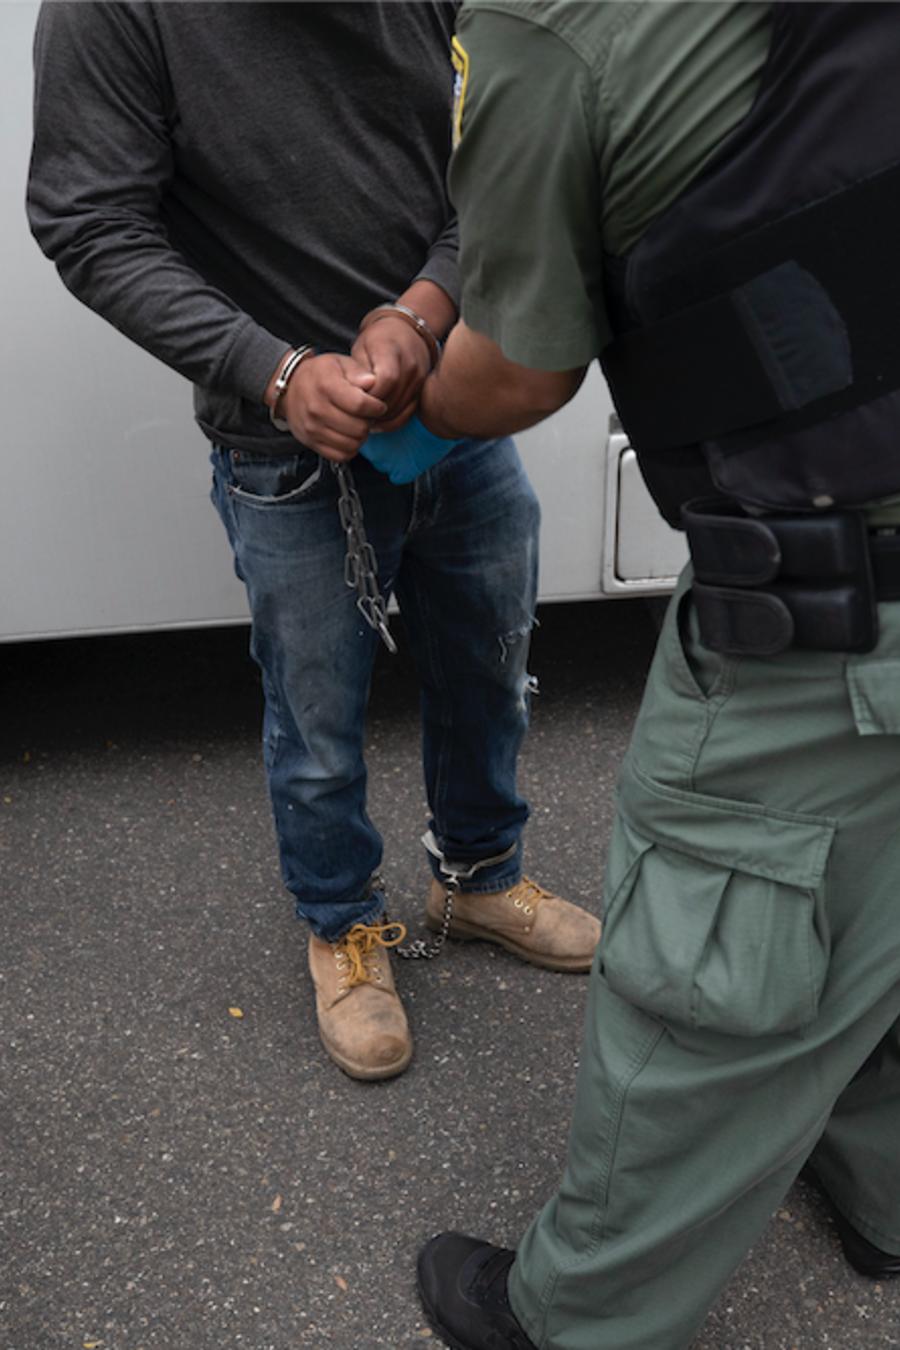 Un oficial de ICE transfiere a un hombre esposado durante una operación en Escondido, California, el 8 de julio de 2019.